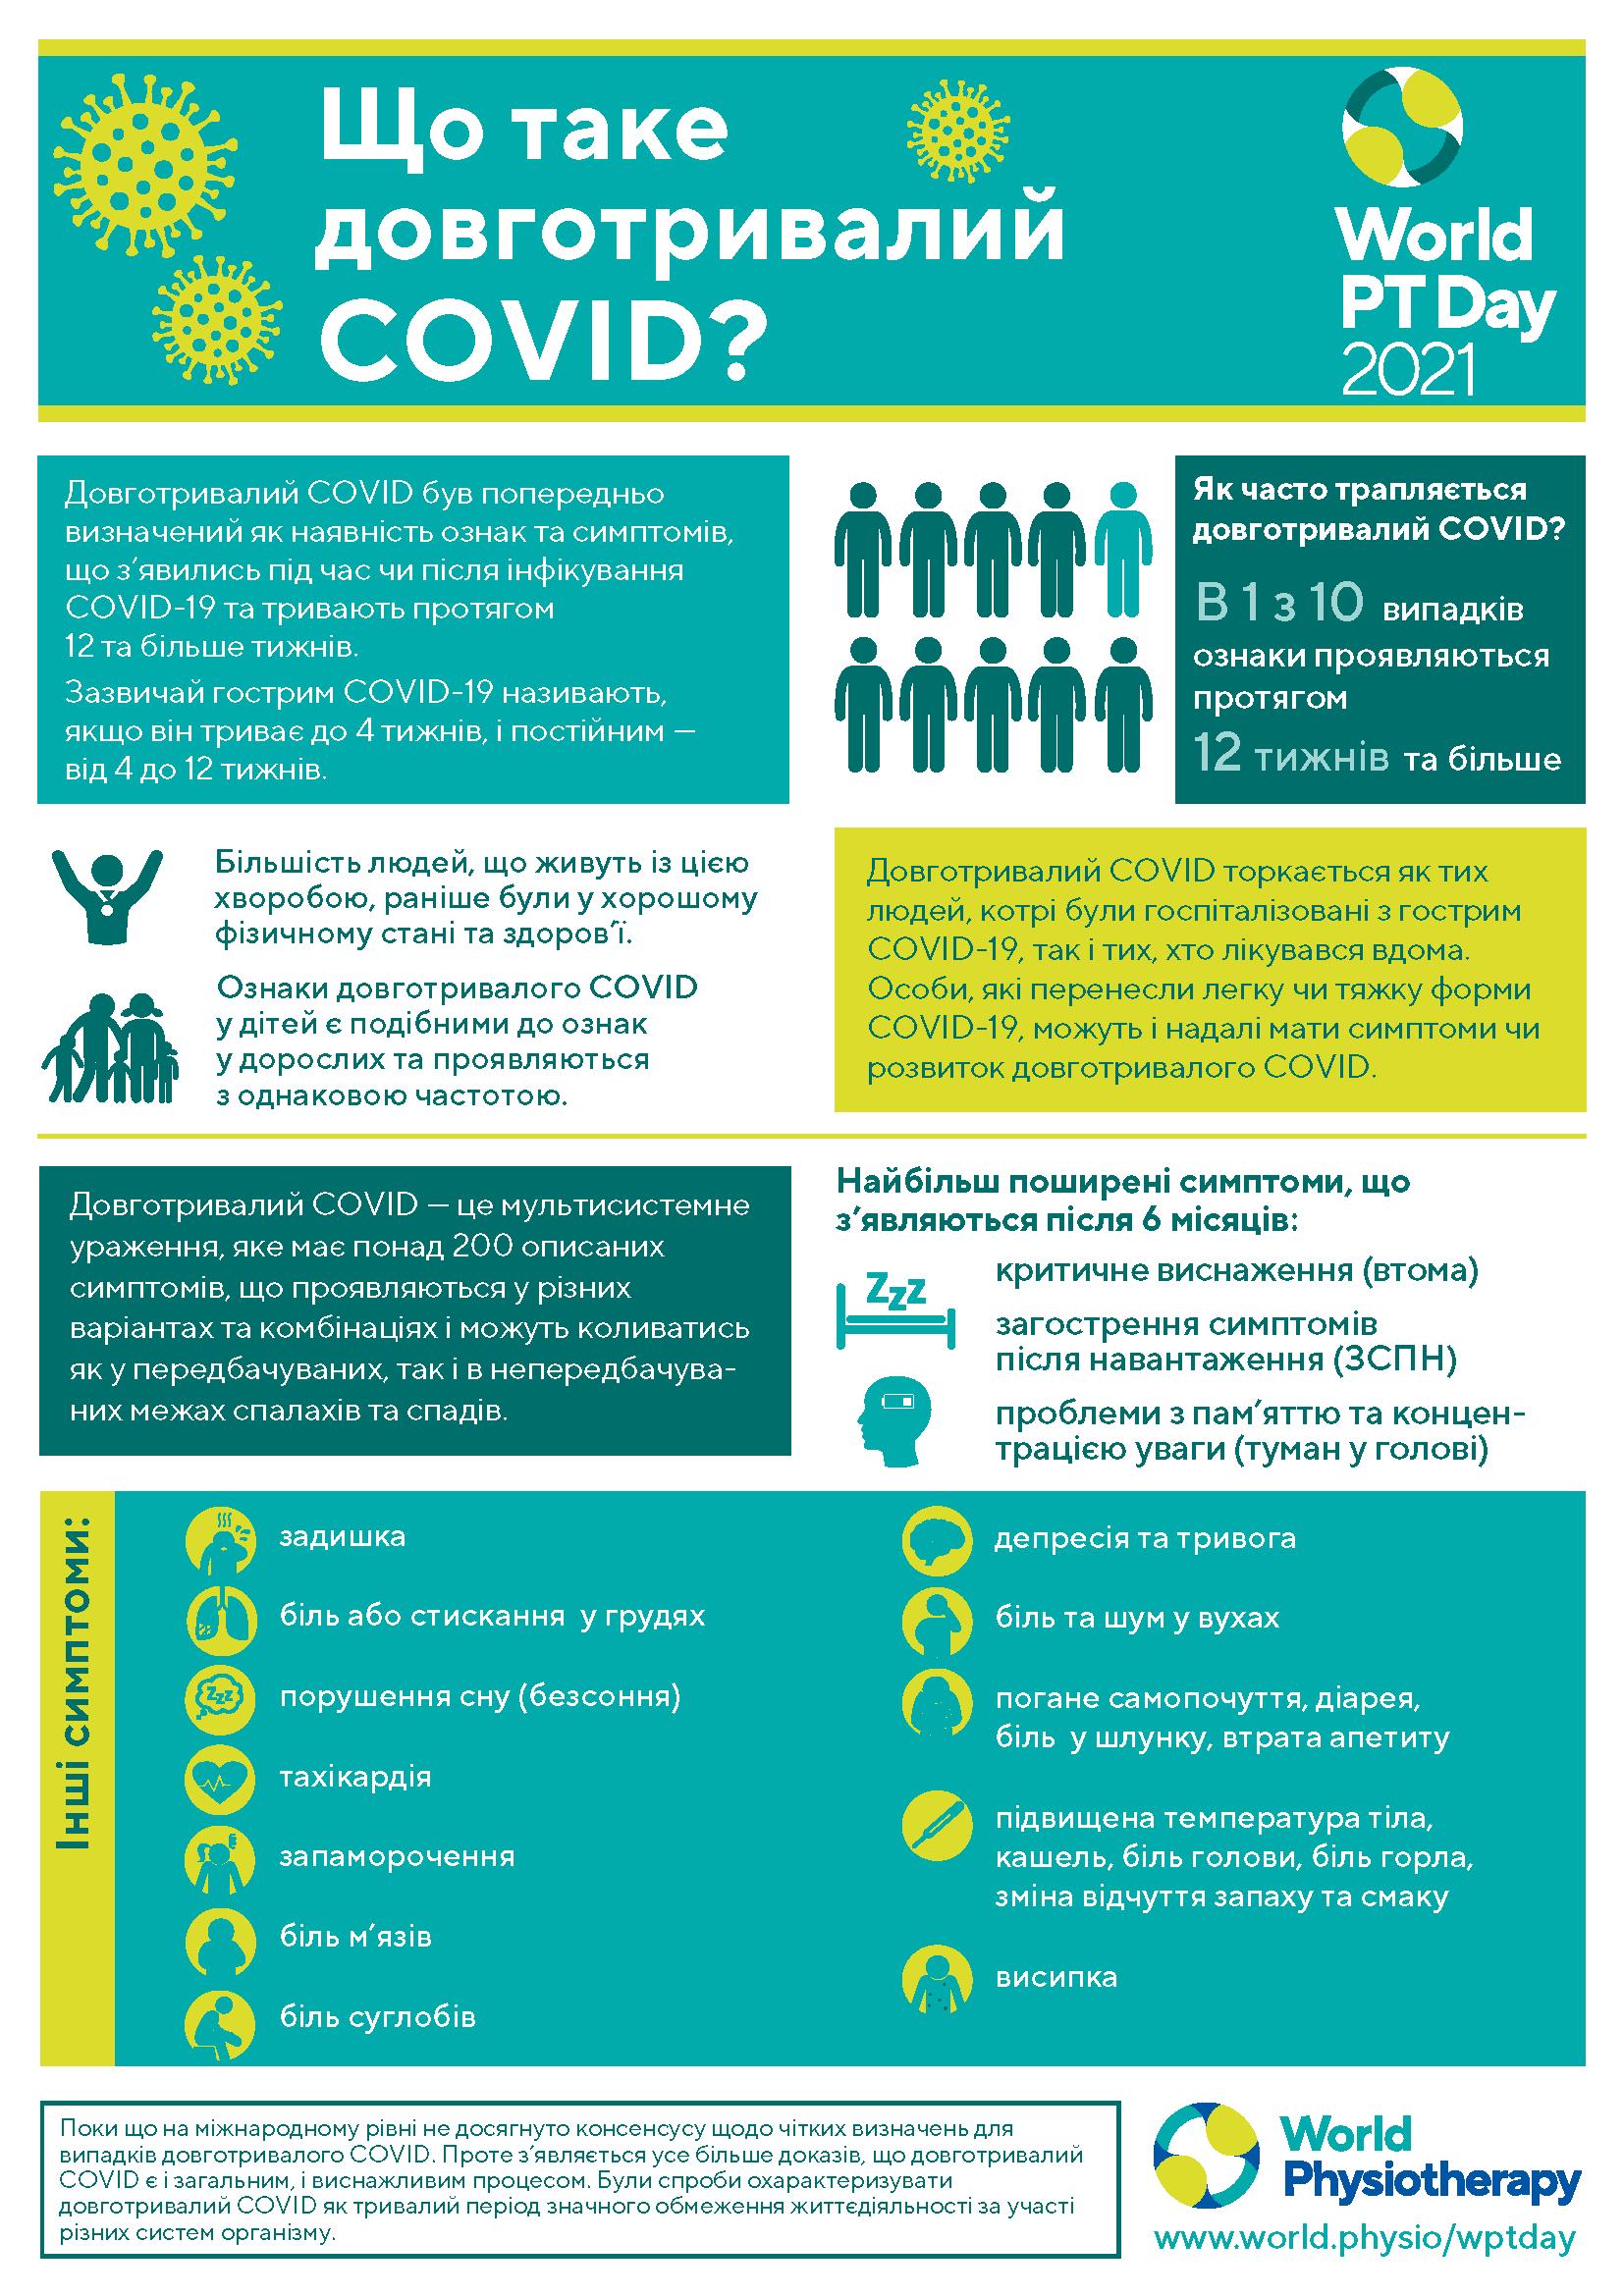 Що таке довготривалий COVID?